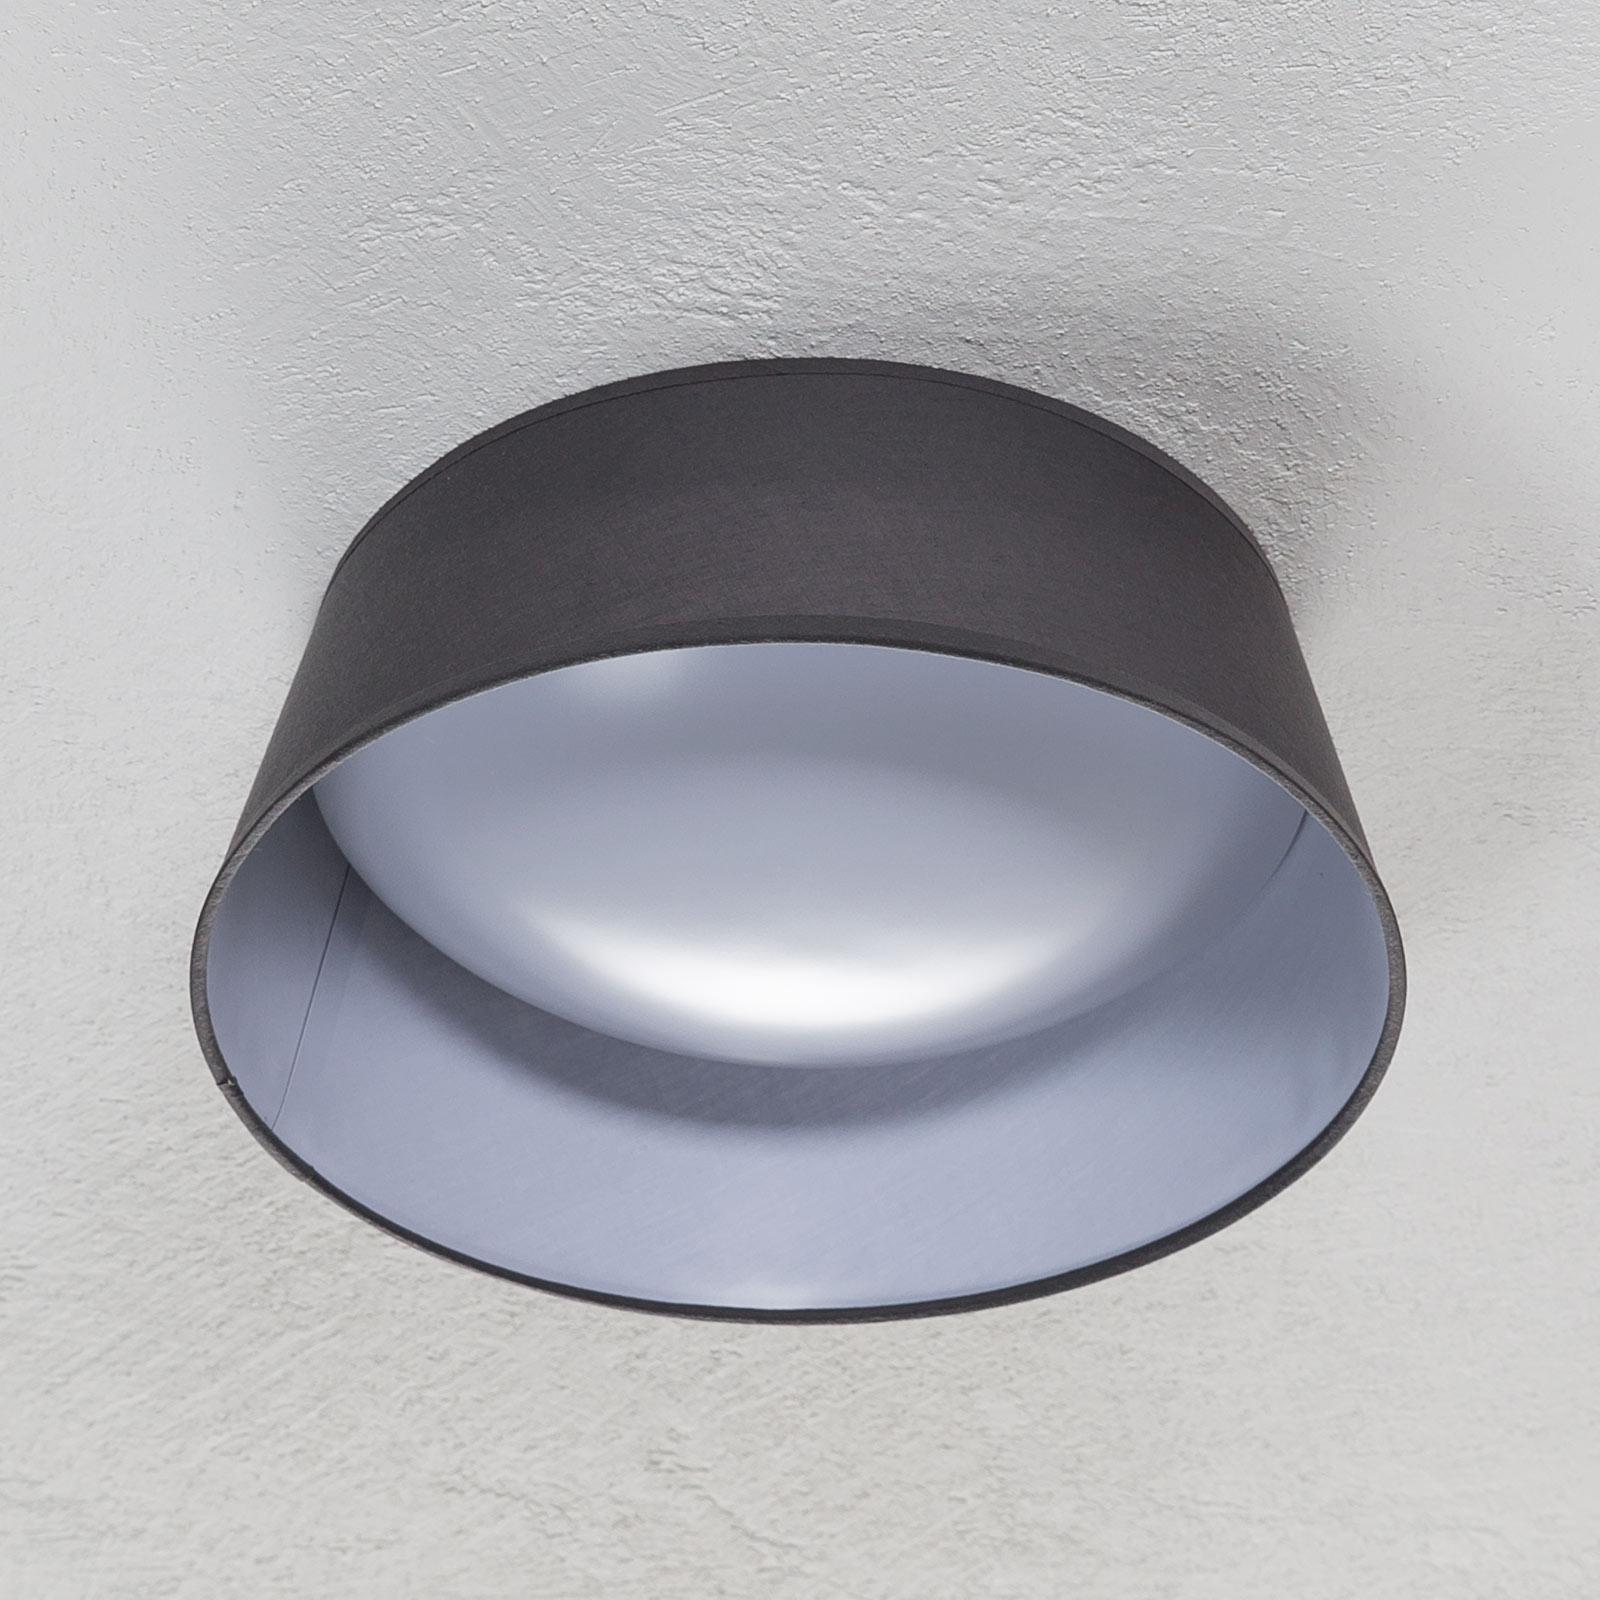 LED-taklampe Ponts med grå tekstilskjerm